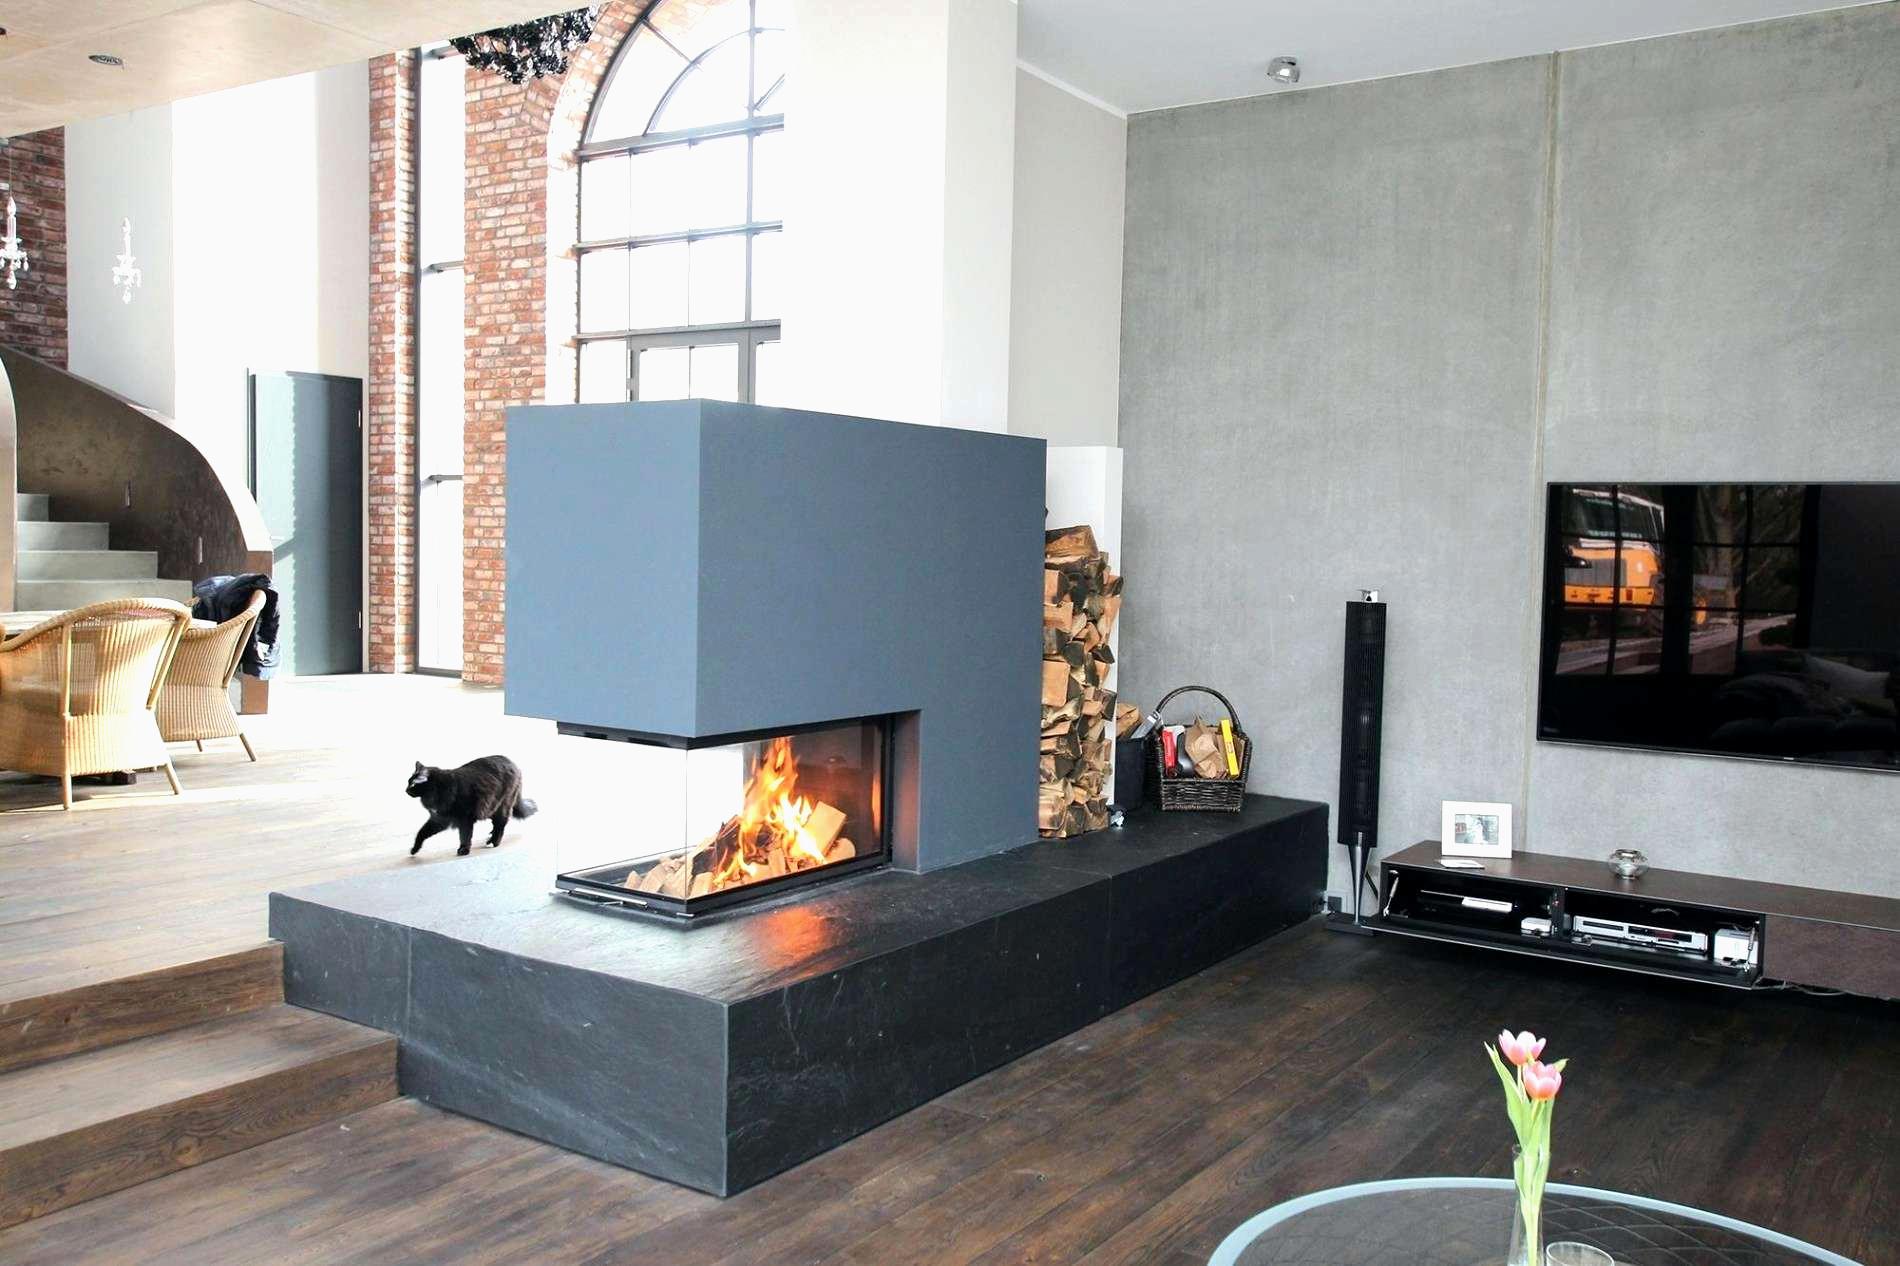 49 das beste von wohnzimmer deko rustikal uaaz1x ideen of deko ideen wohnzimmer